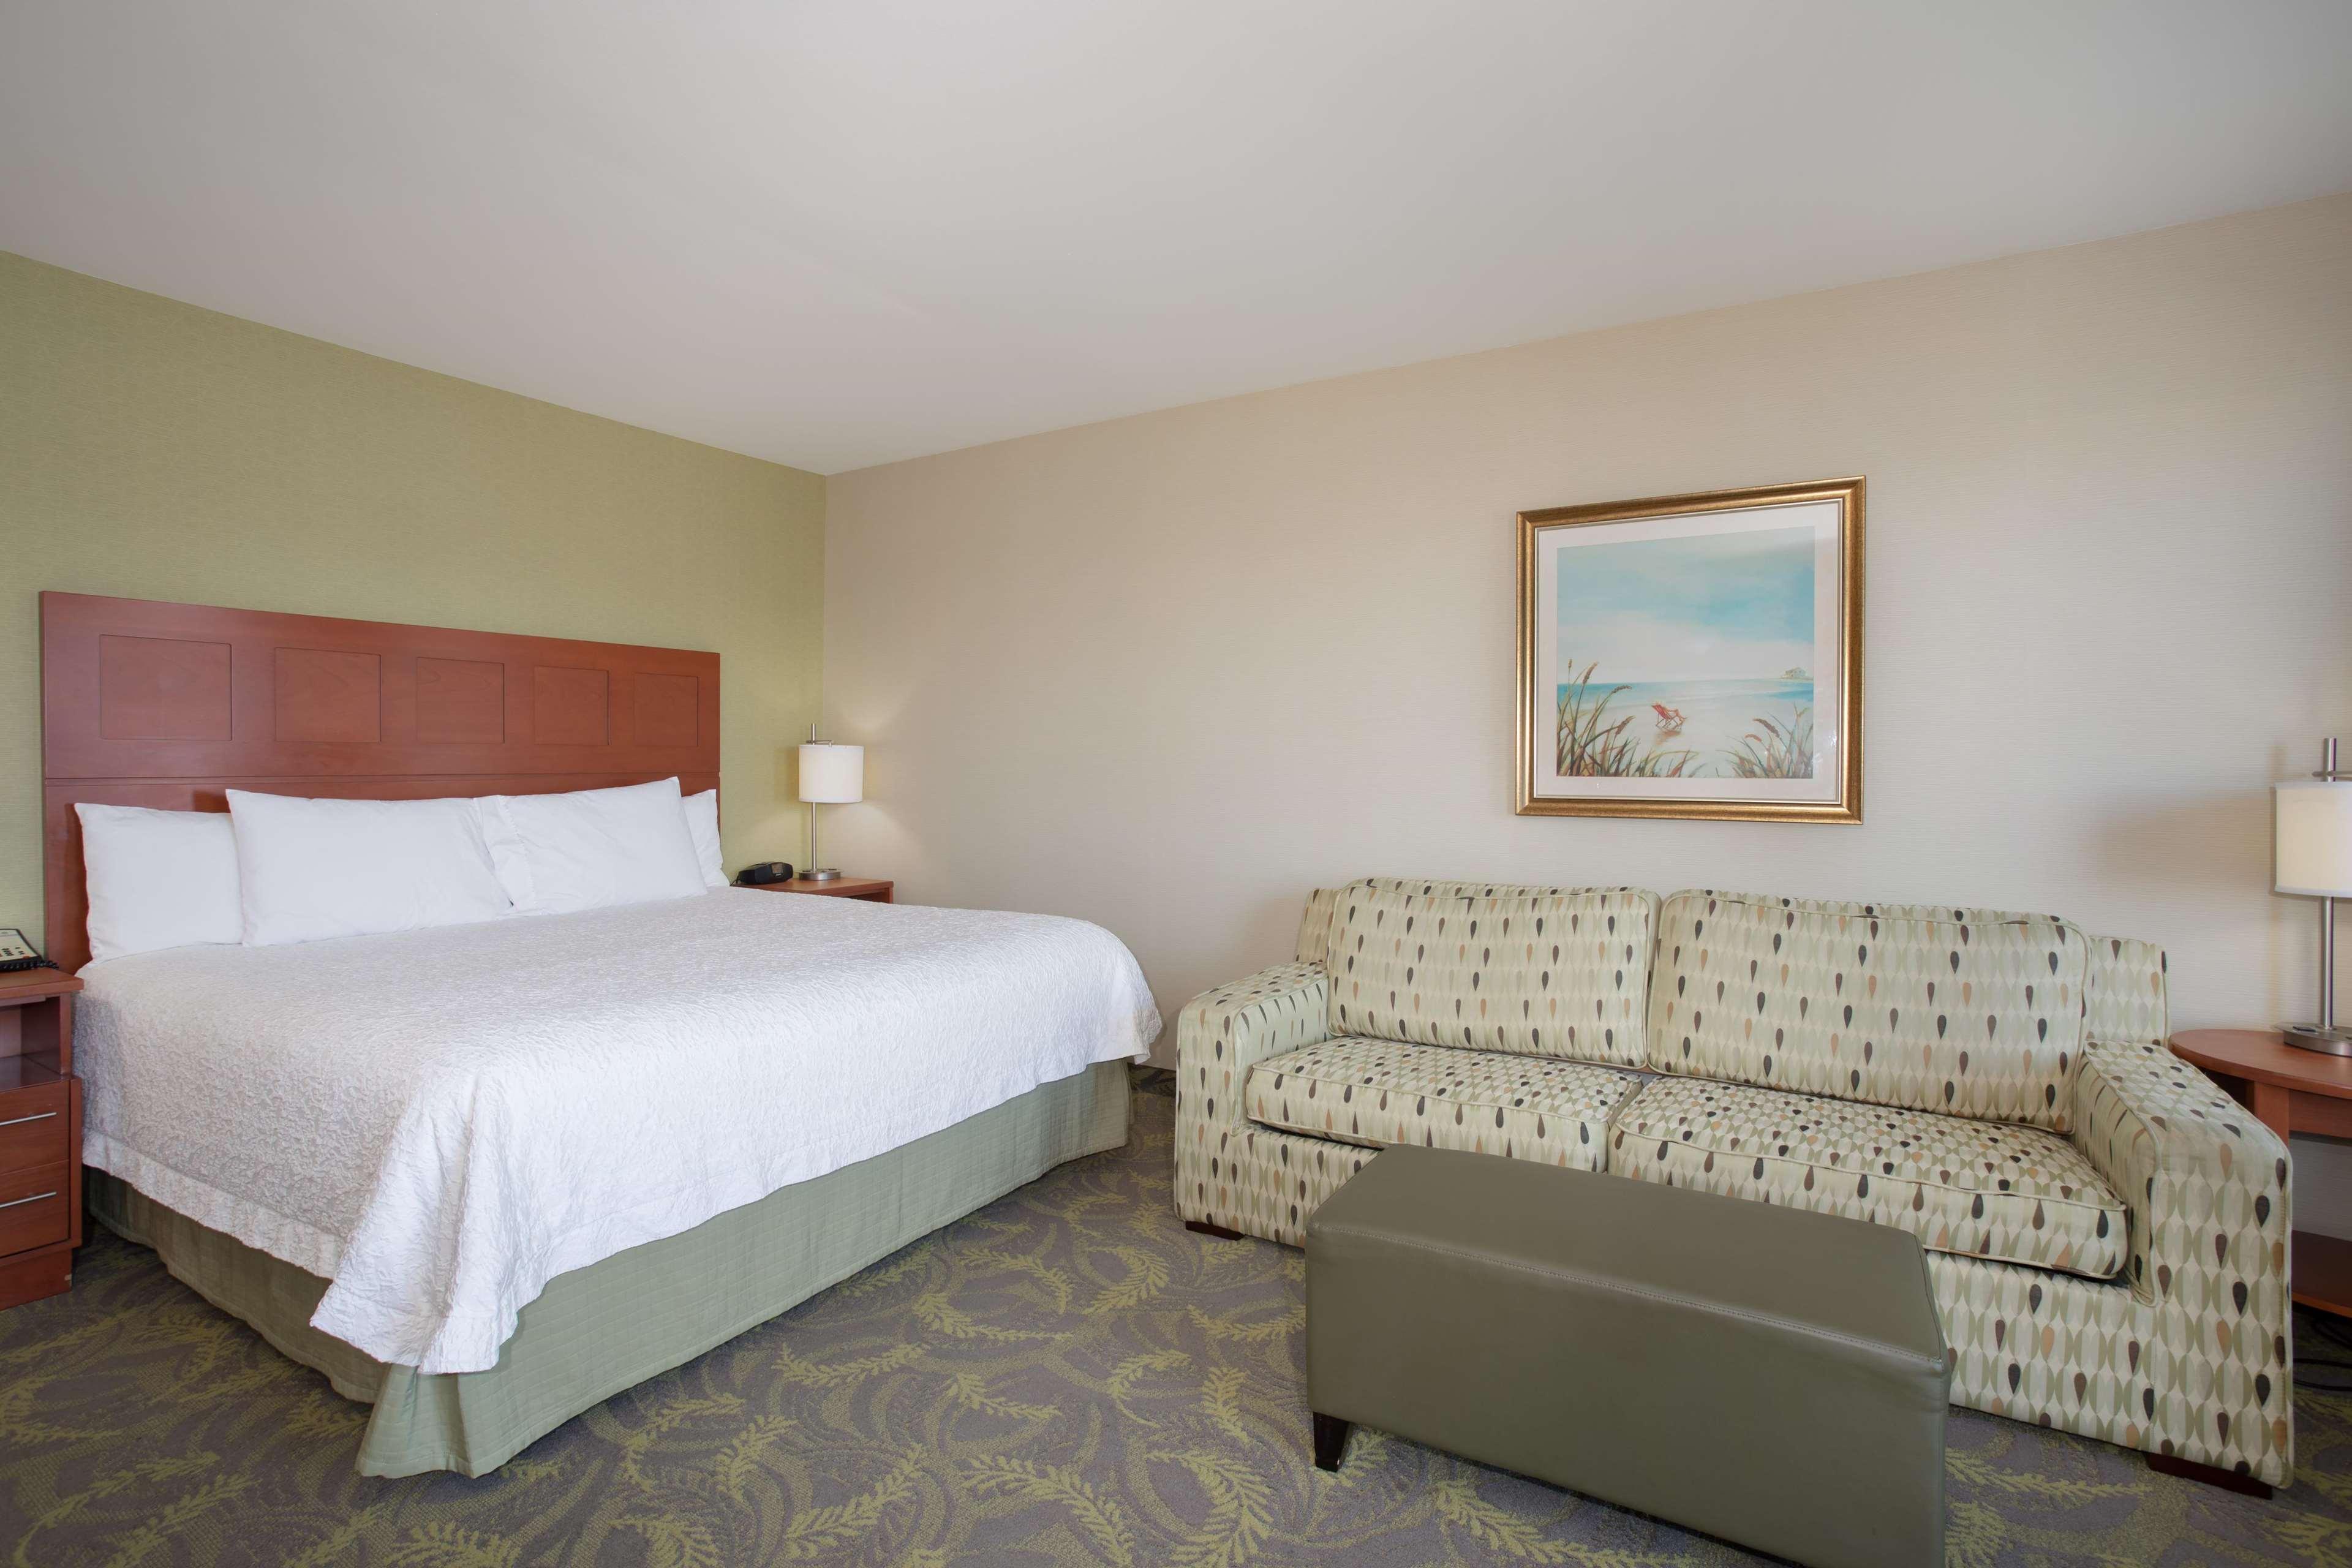 Hampton Inn & Suites Astoria image 70